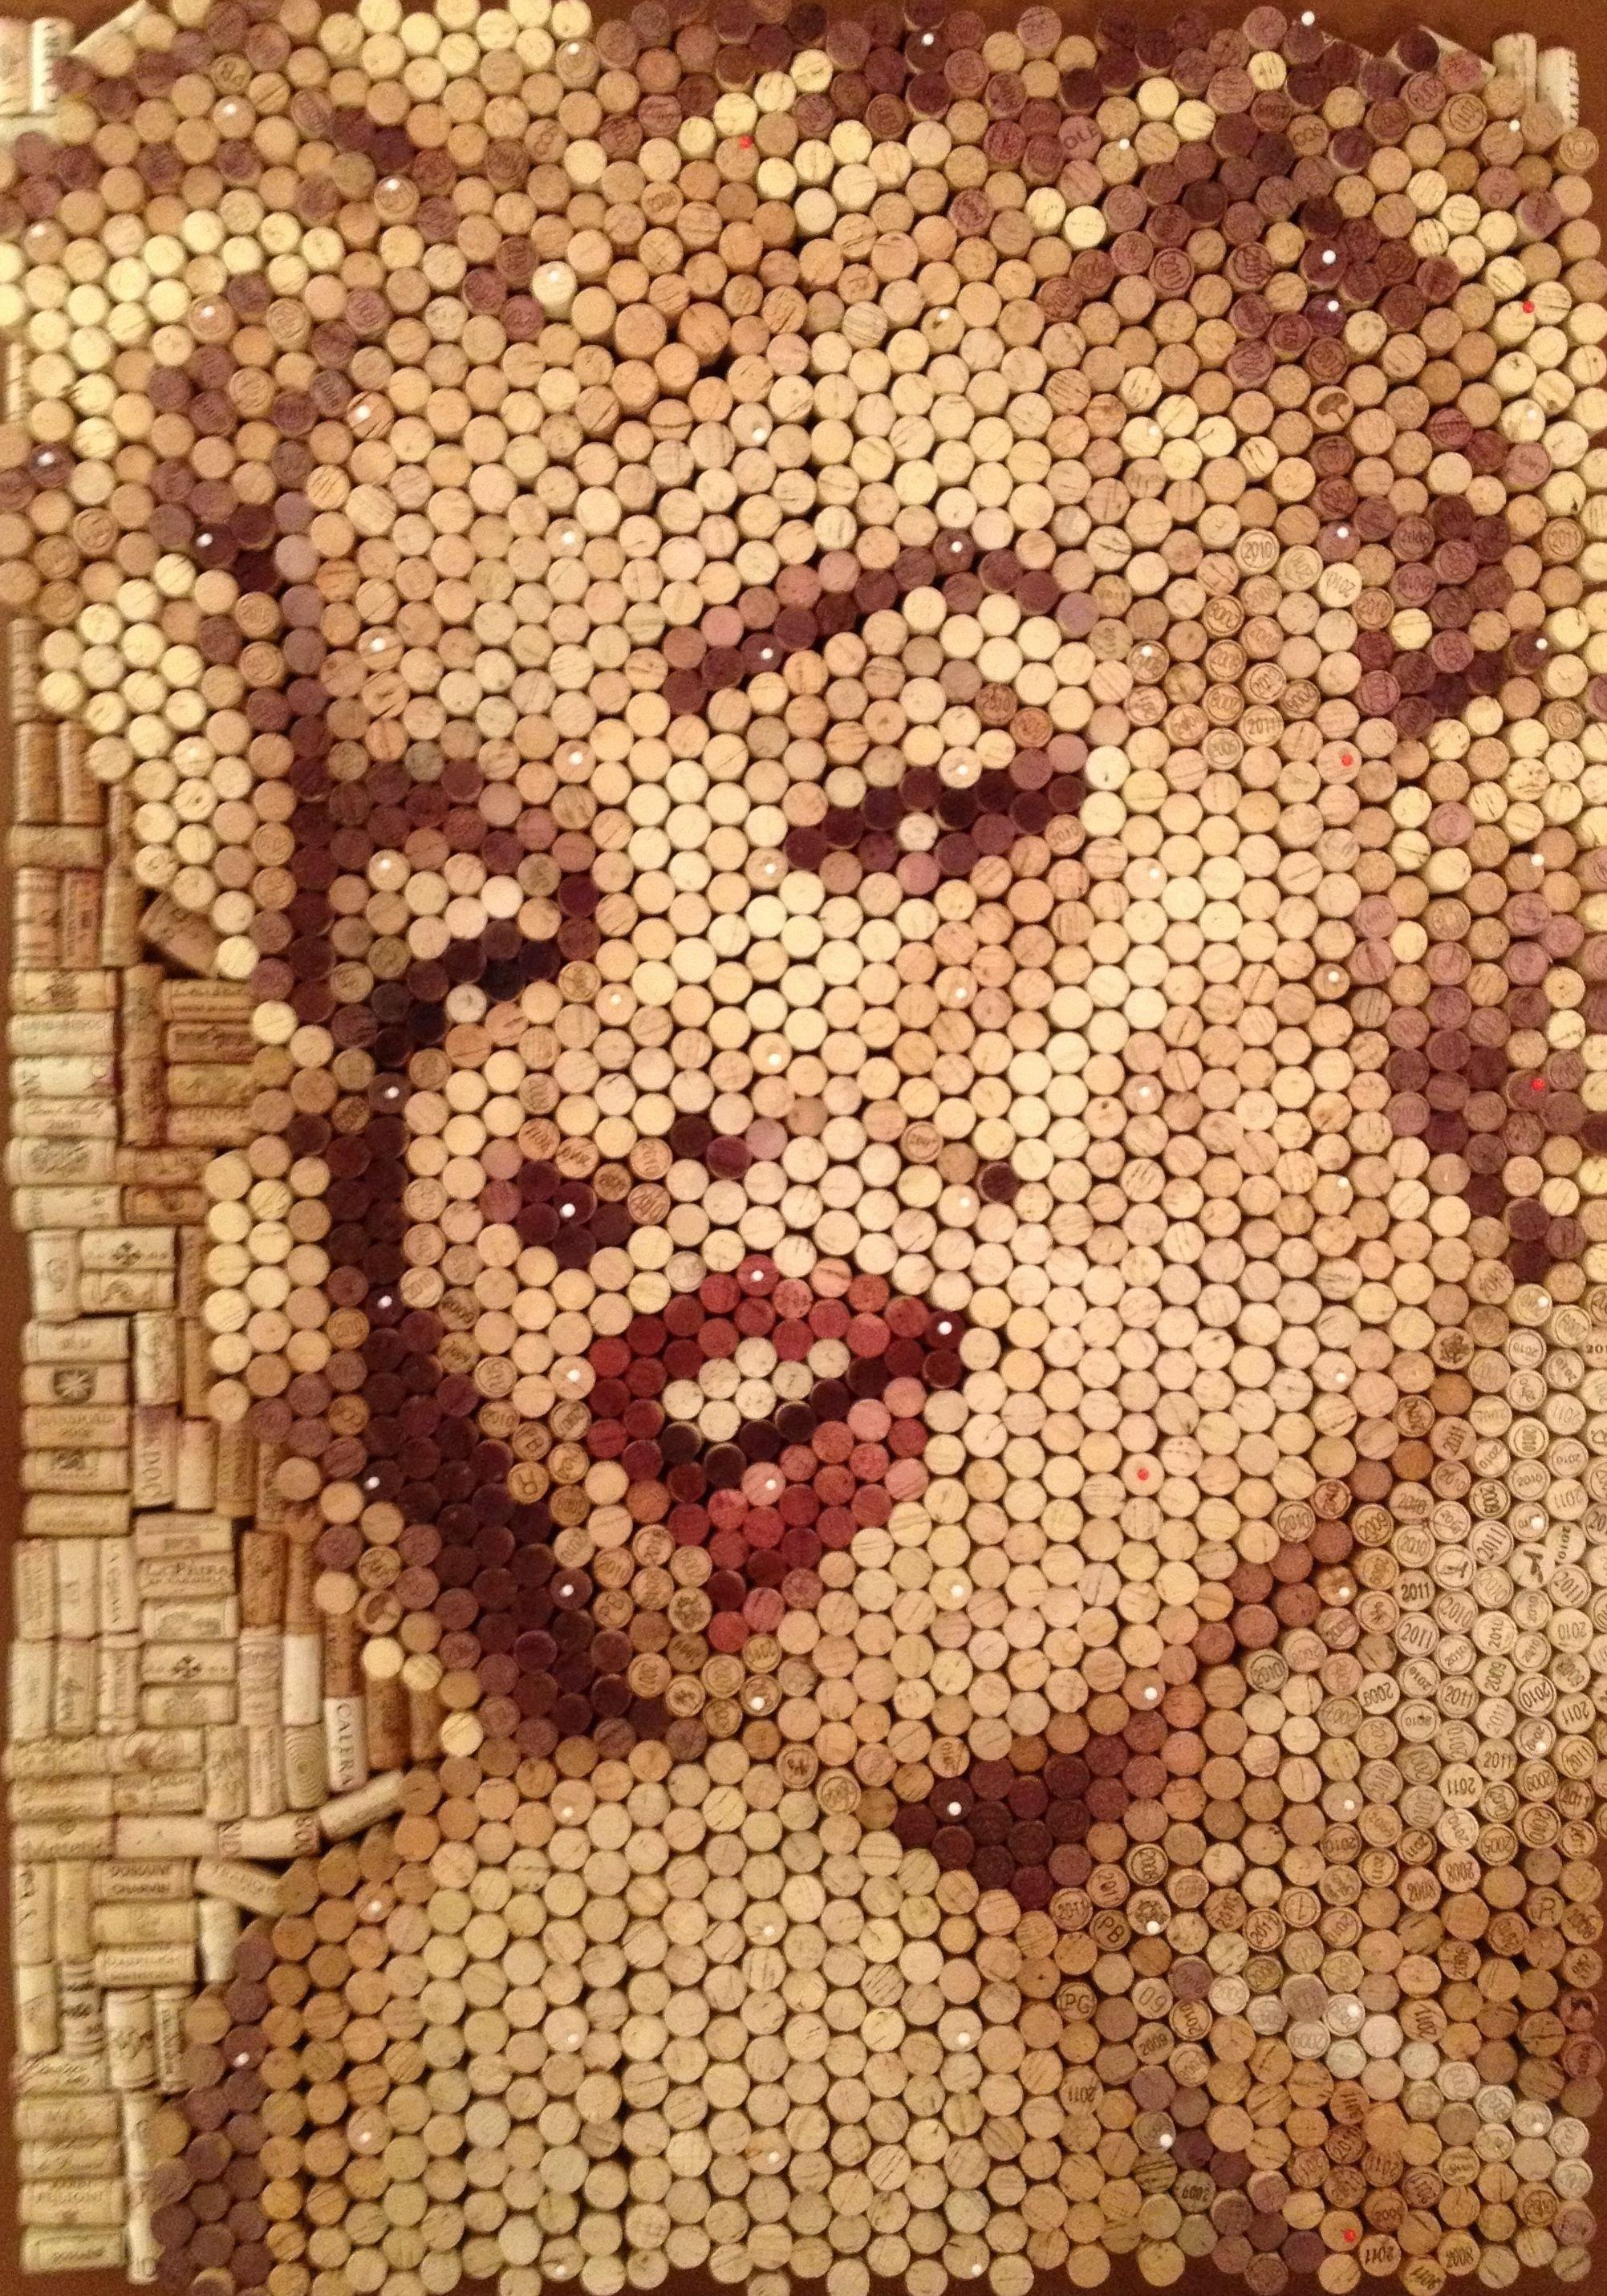 Korkad Marilyn